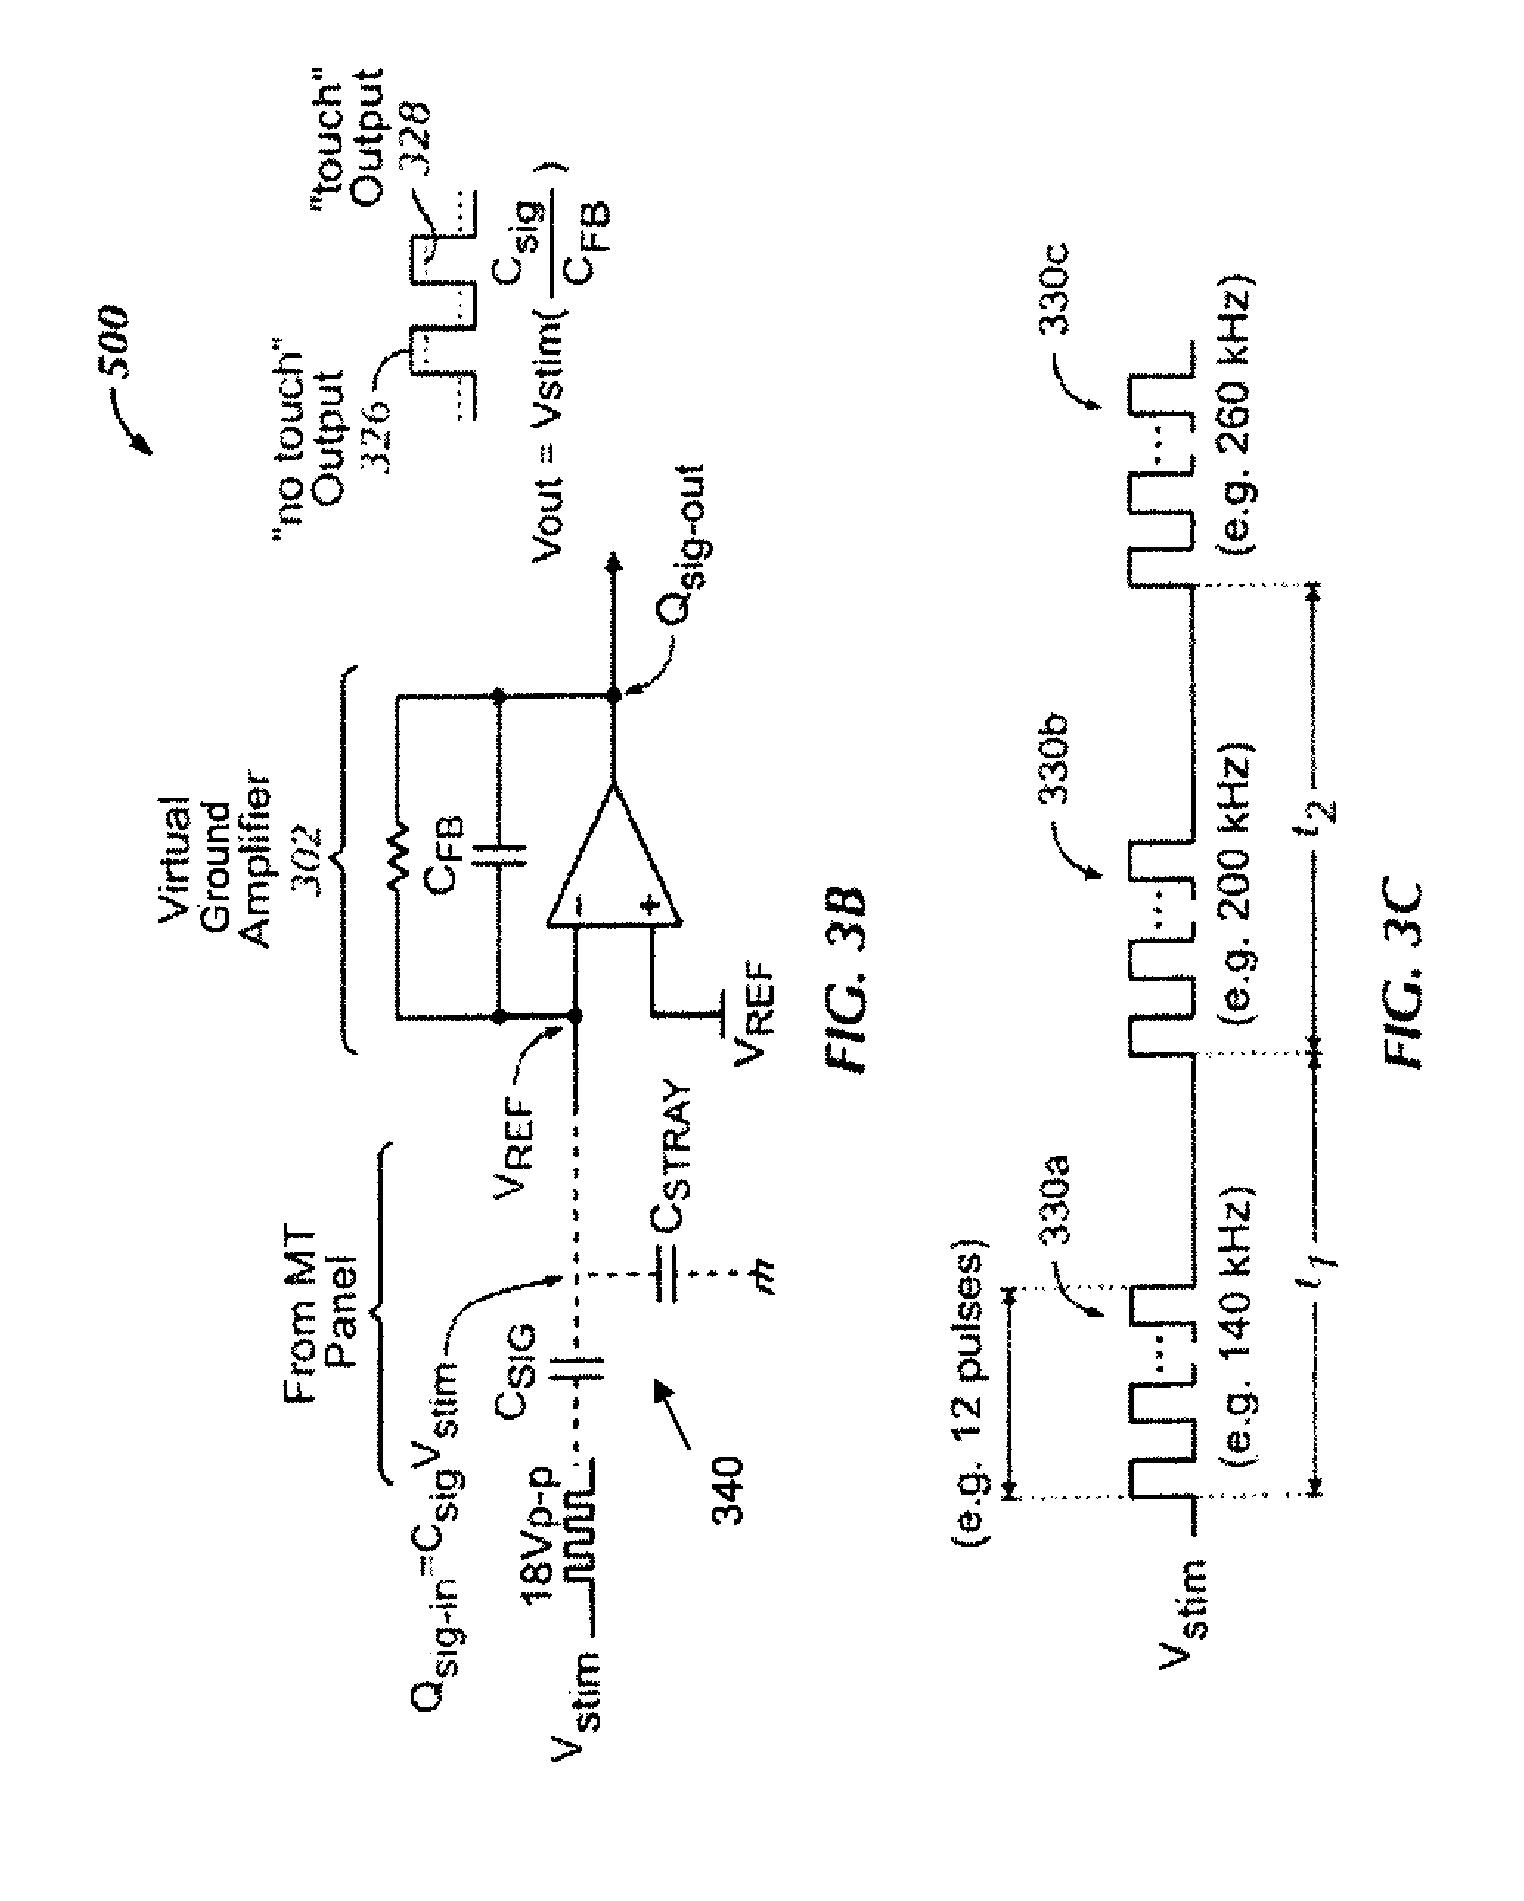 Suzuki Sx4 Wiring Diagram Pics